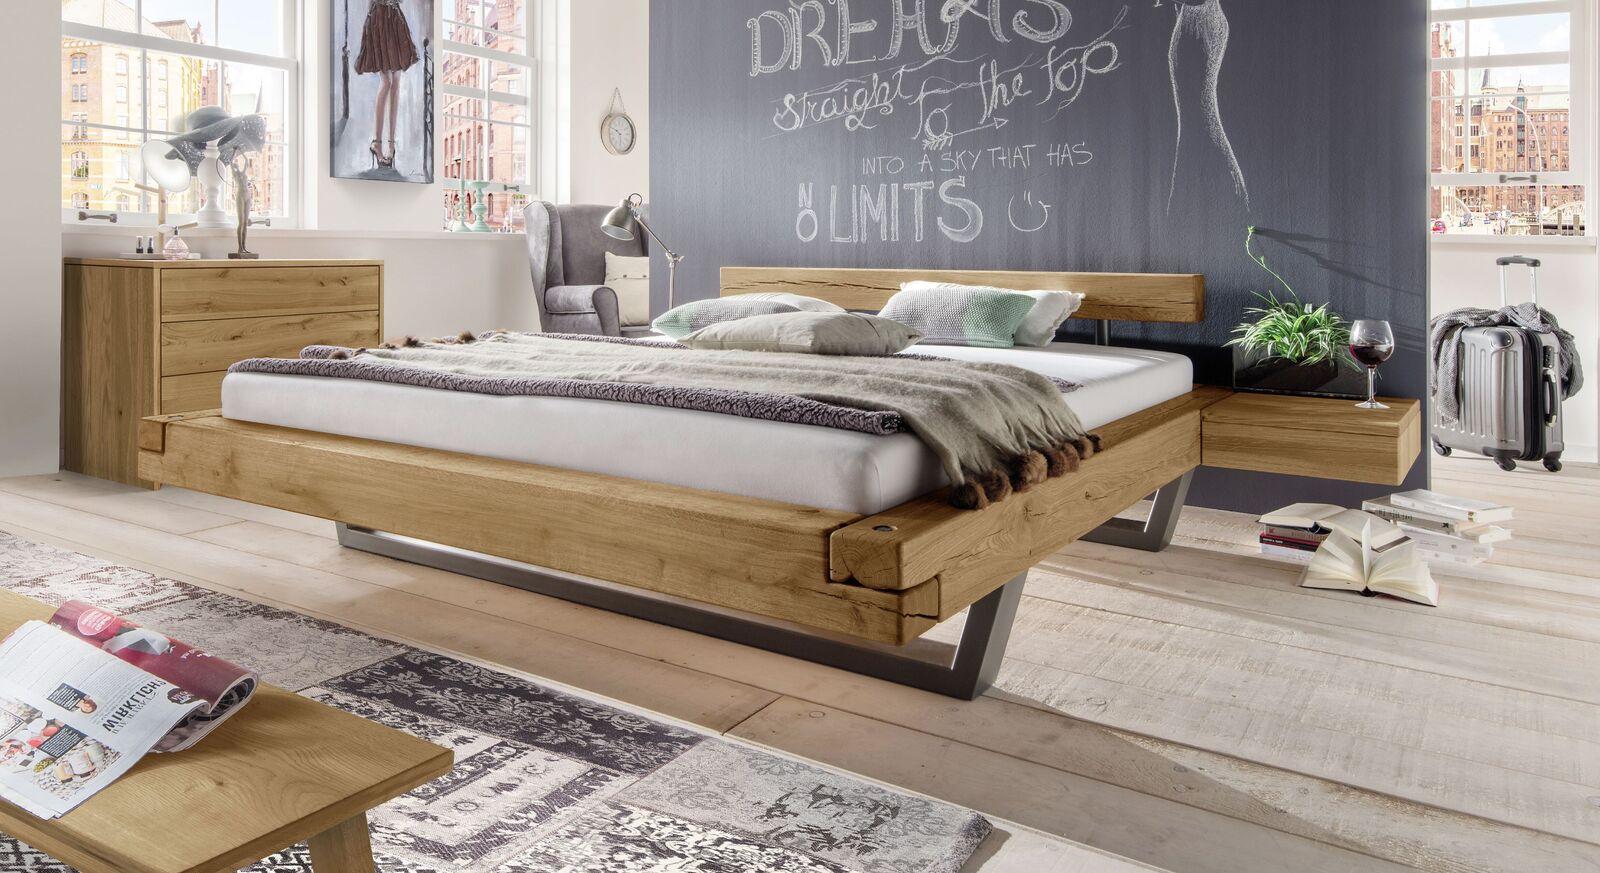 awesome schlafzimmer zubehor #1: Bett Darica mit passendem Schlafzimmer-Zubehör